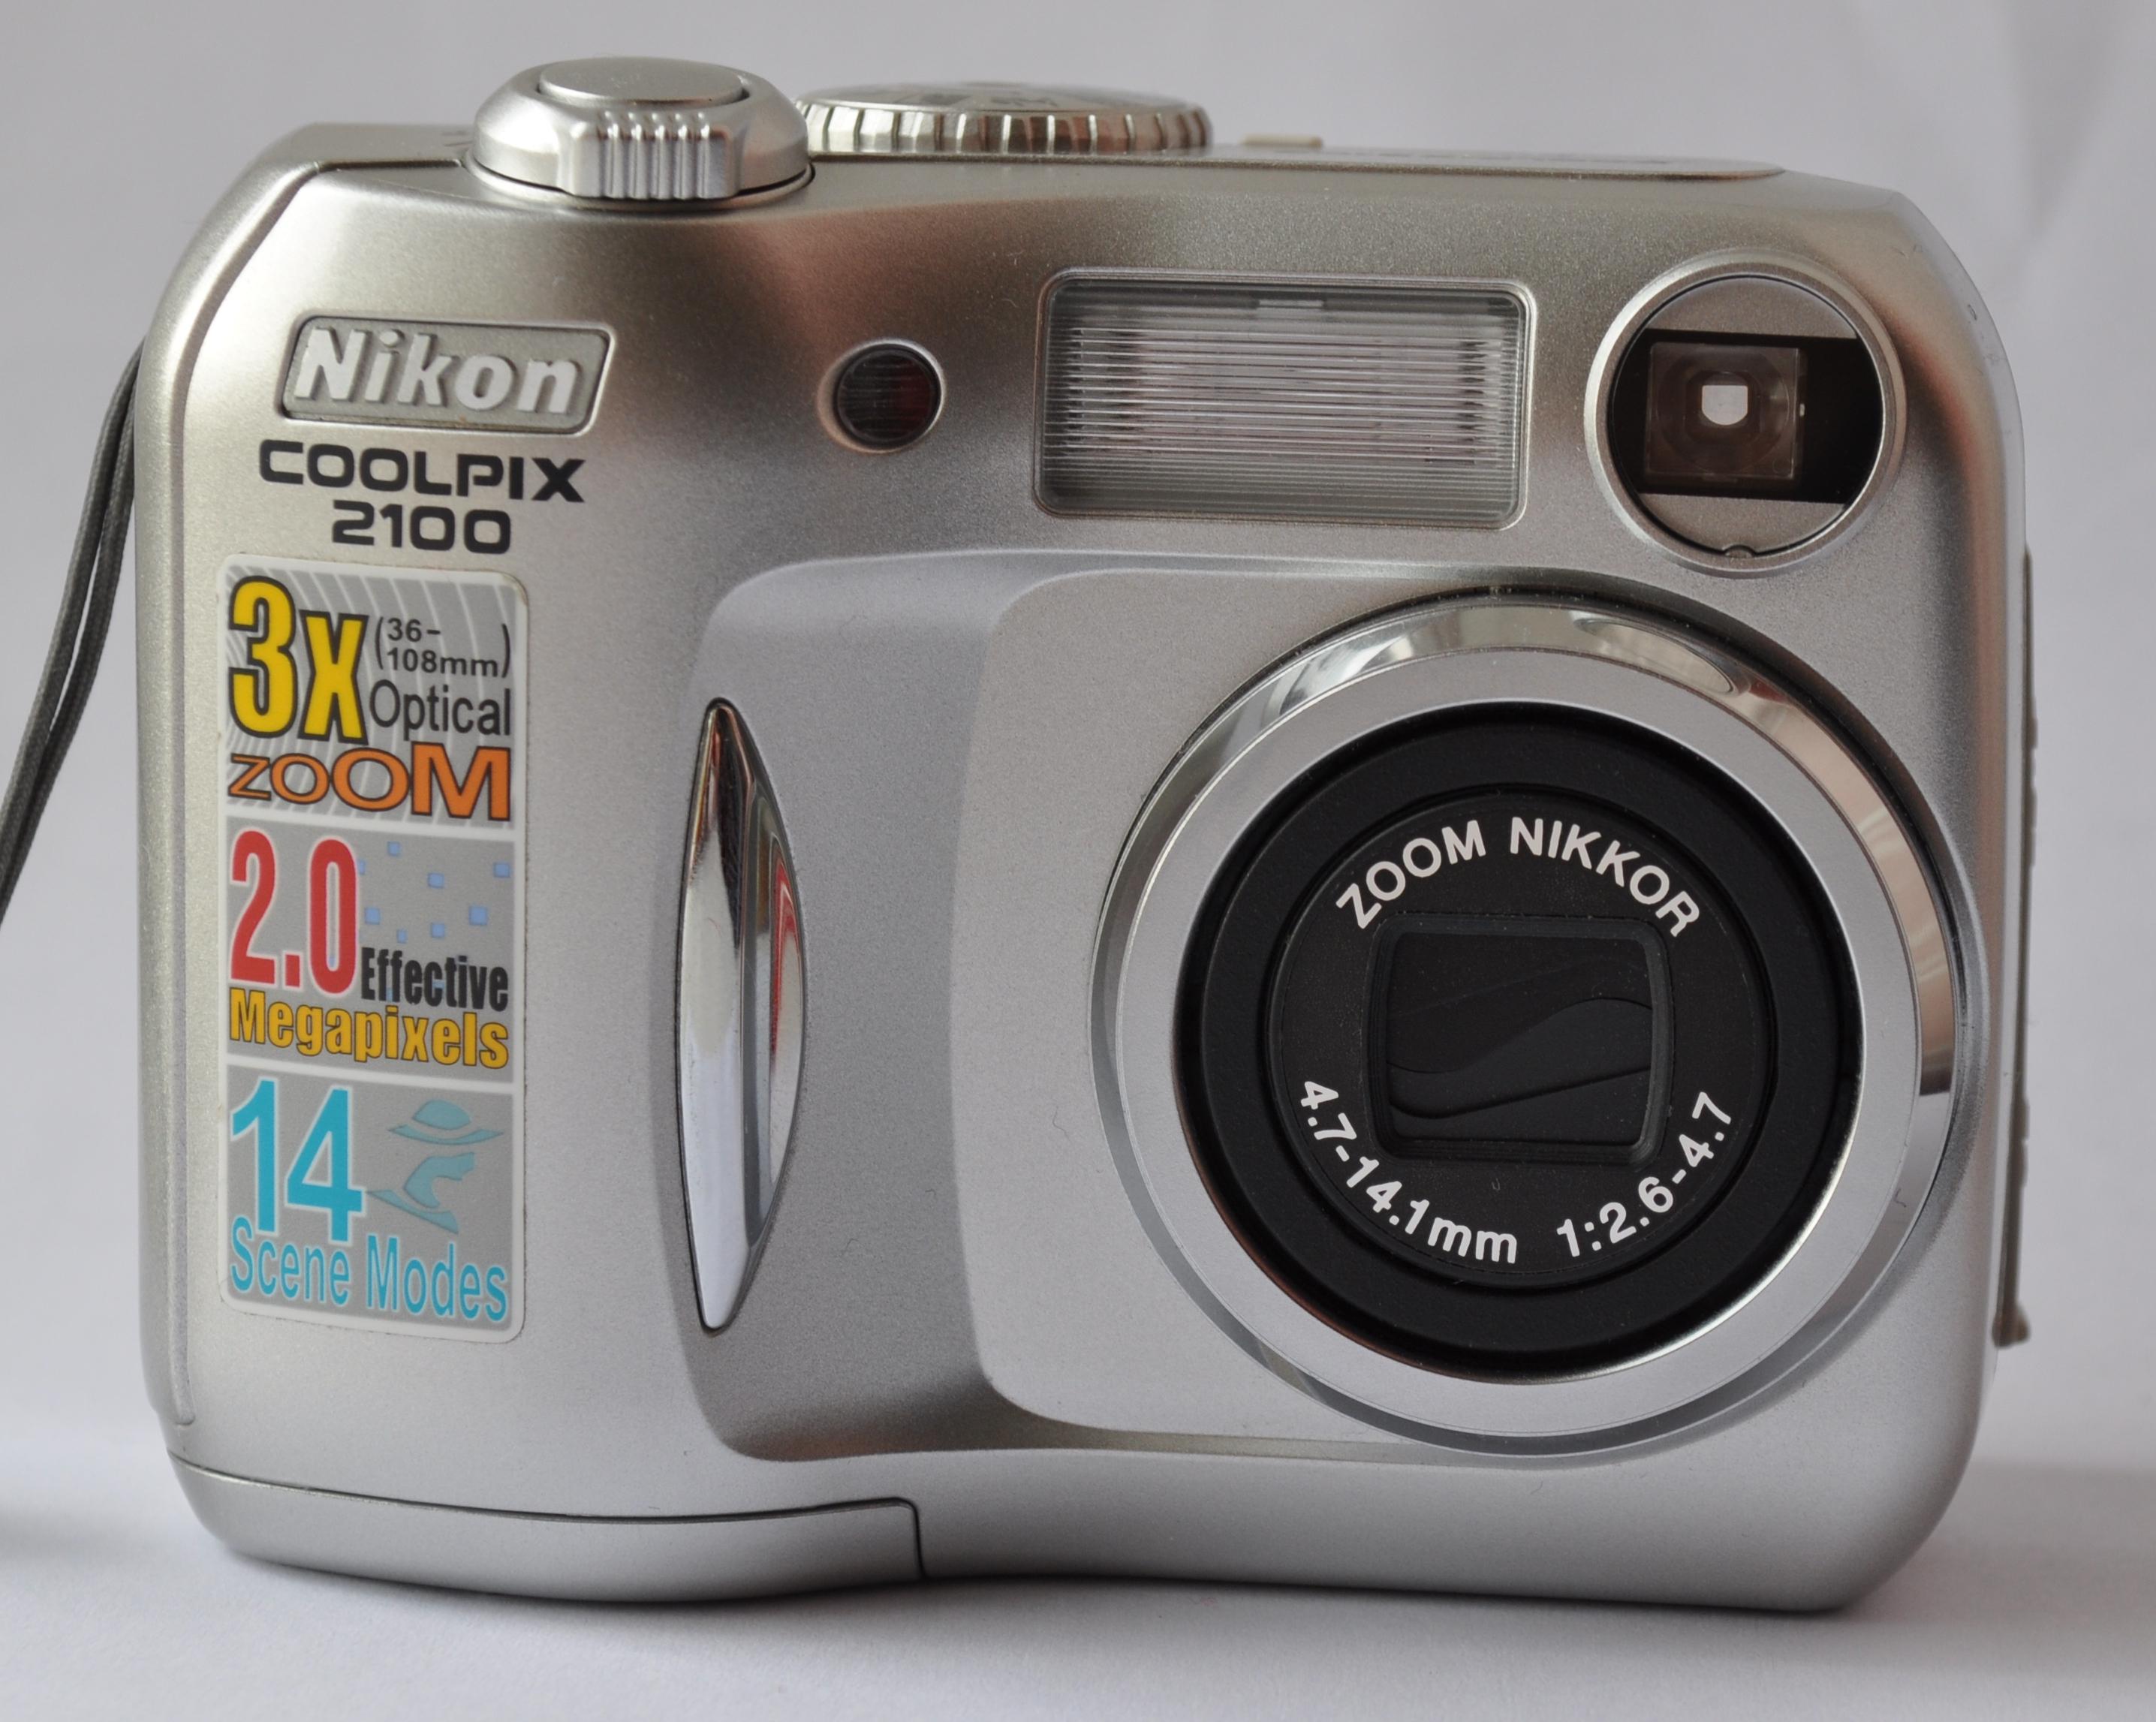 file nikon coolpix 2100 1 jpg wikimedia commons rh commons wikimedia org Nikon Coolpix S3000 Manual Nikon Coolpix L30 Manual